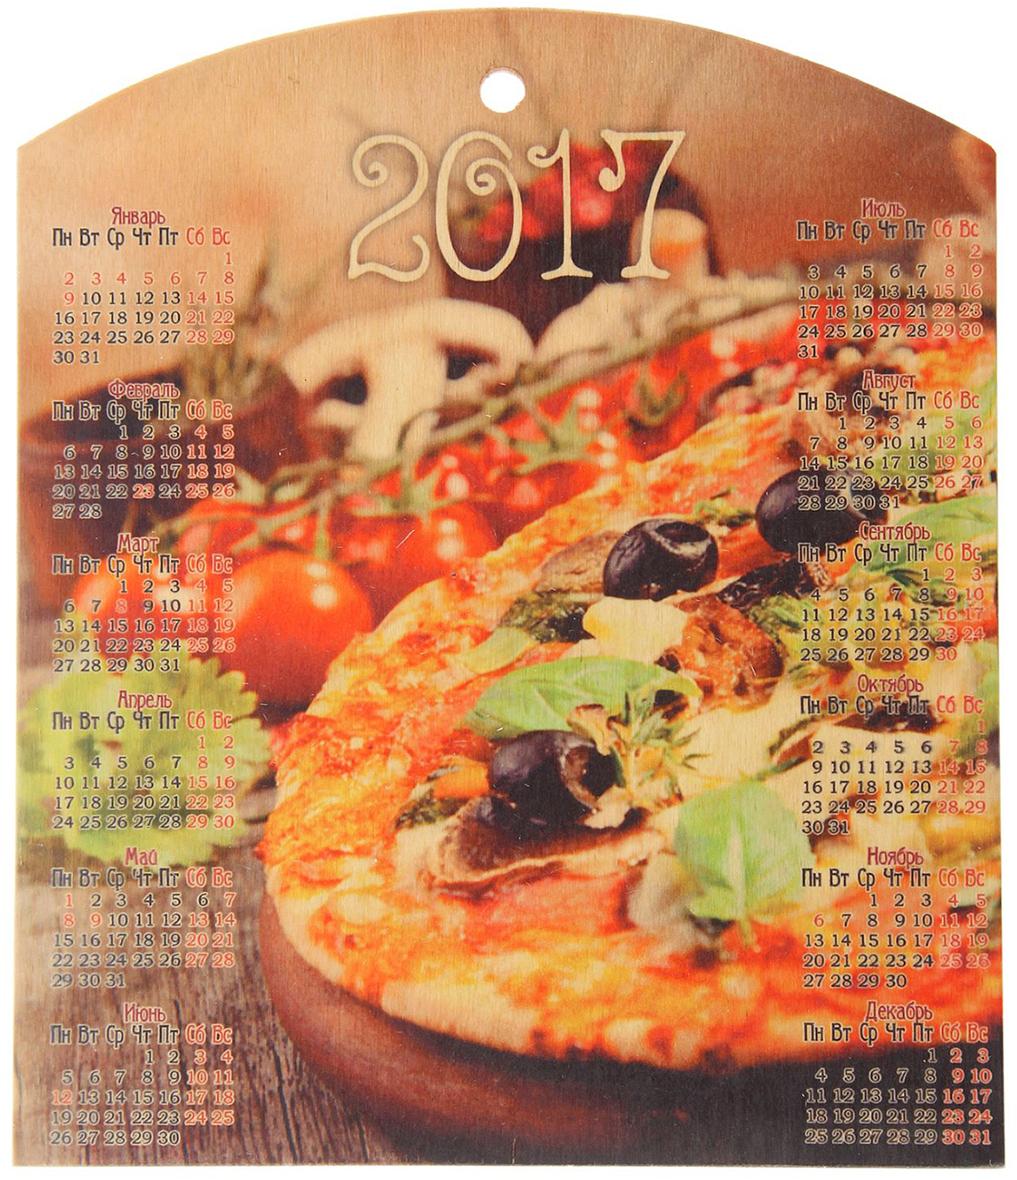 Доска разделочная Италия, 25 х 30 см 1820159, цвет: разноцветный, 0,6 х 25 х 29,5 см1820159От качества посуды зависит не только вкус еды, но и здоровье человека. Доска— товар, соответствующий российским стандартам качества. Любой хозяйке будет приятно держать его в руках. С такой посудой и кухонной утварью приготовление еды и сервировка стола превратятся в настоящий праздник.